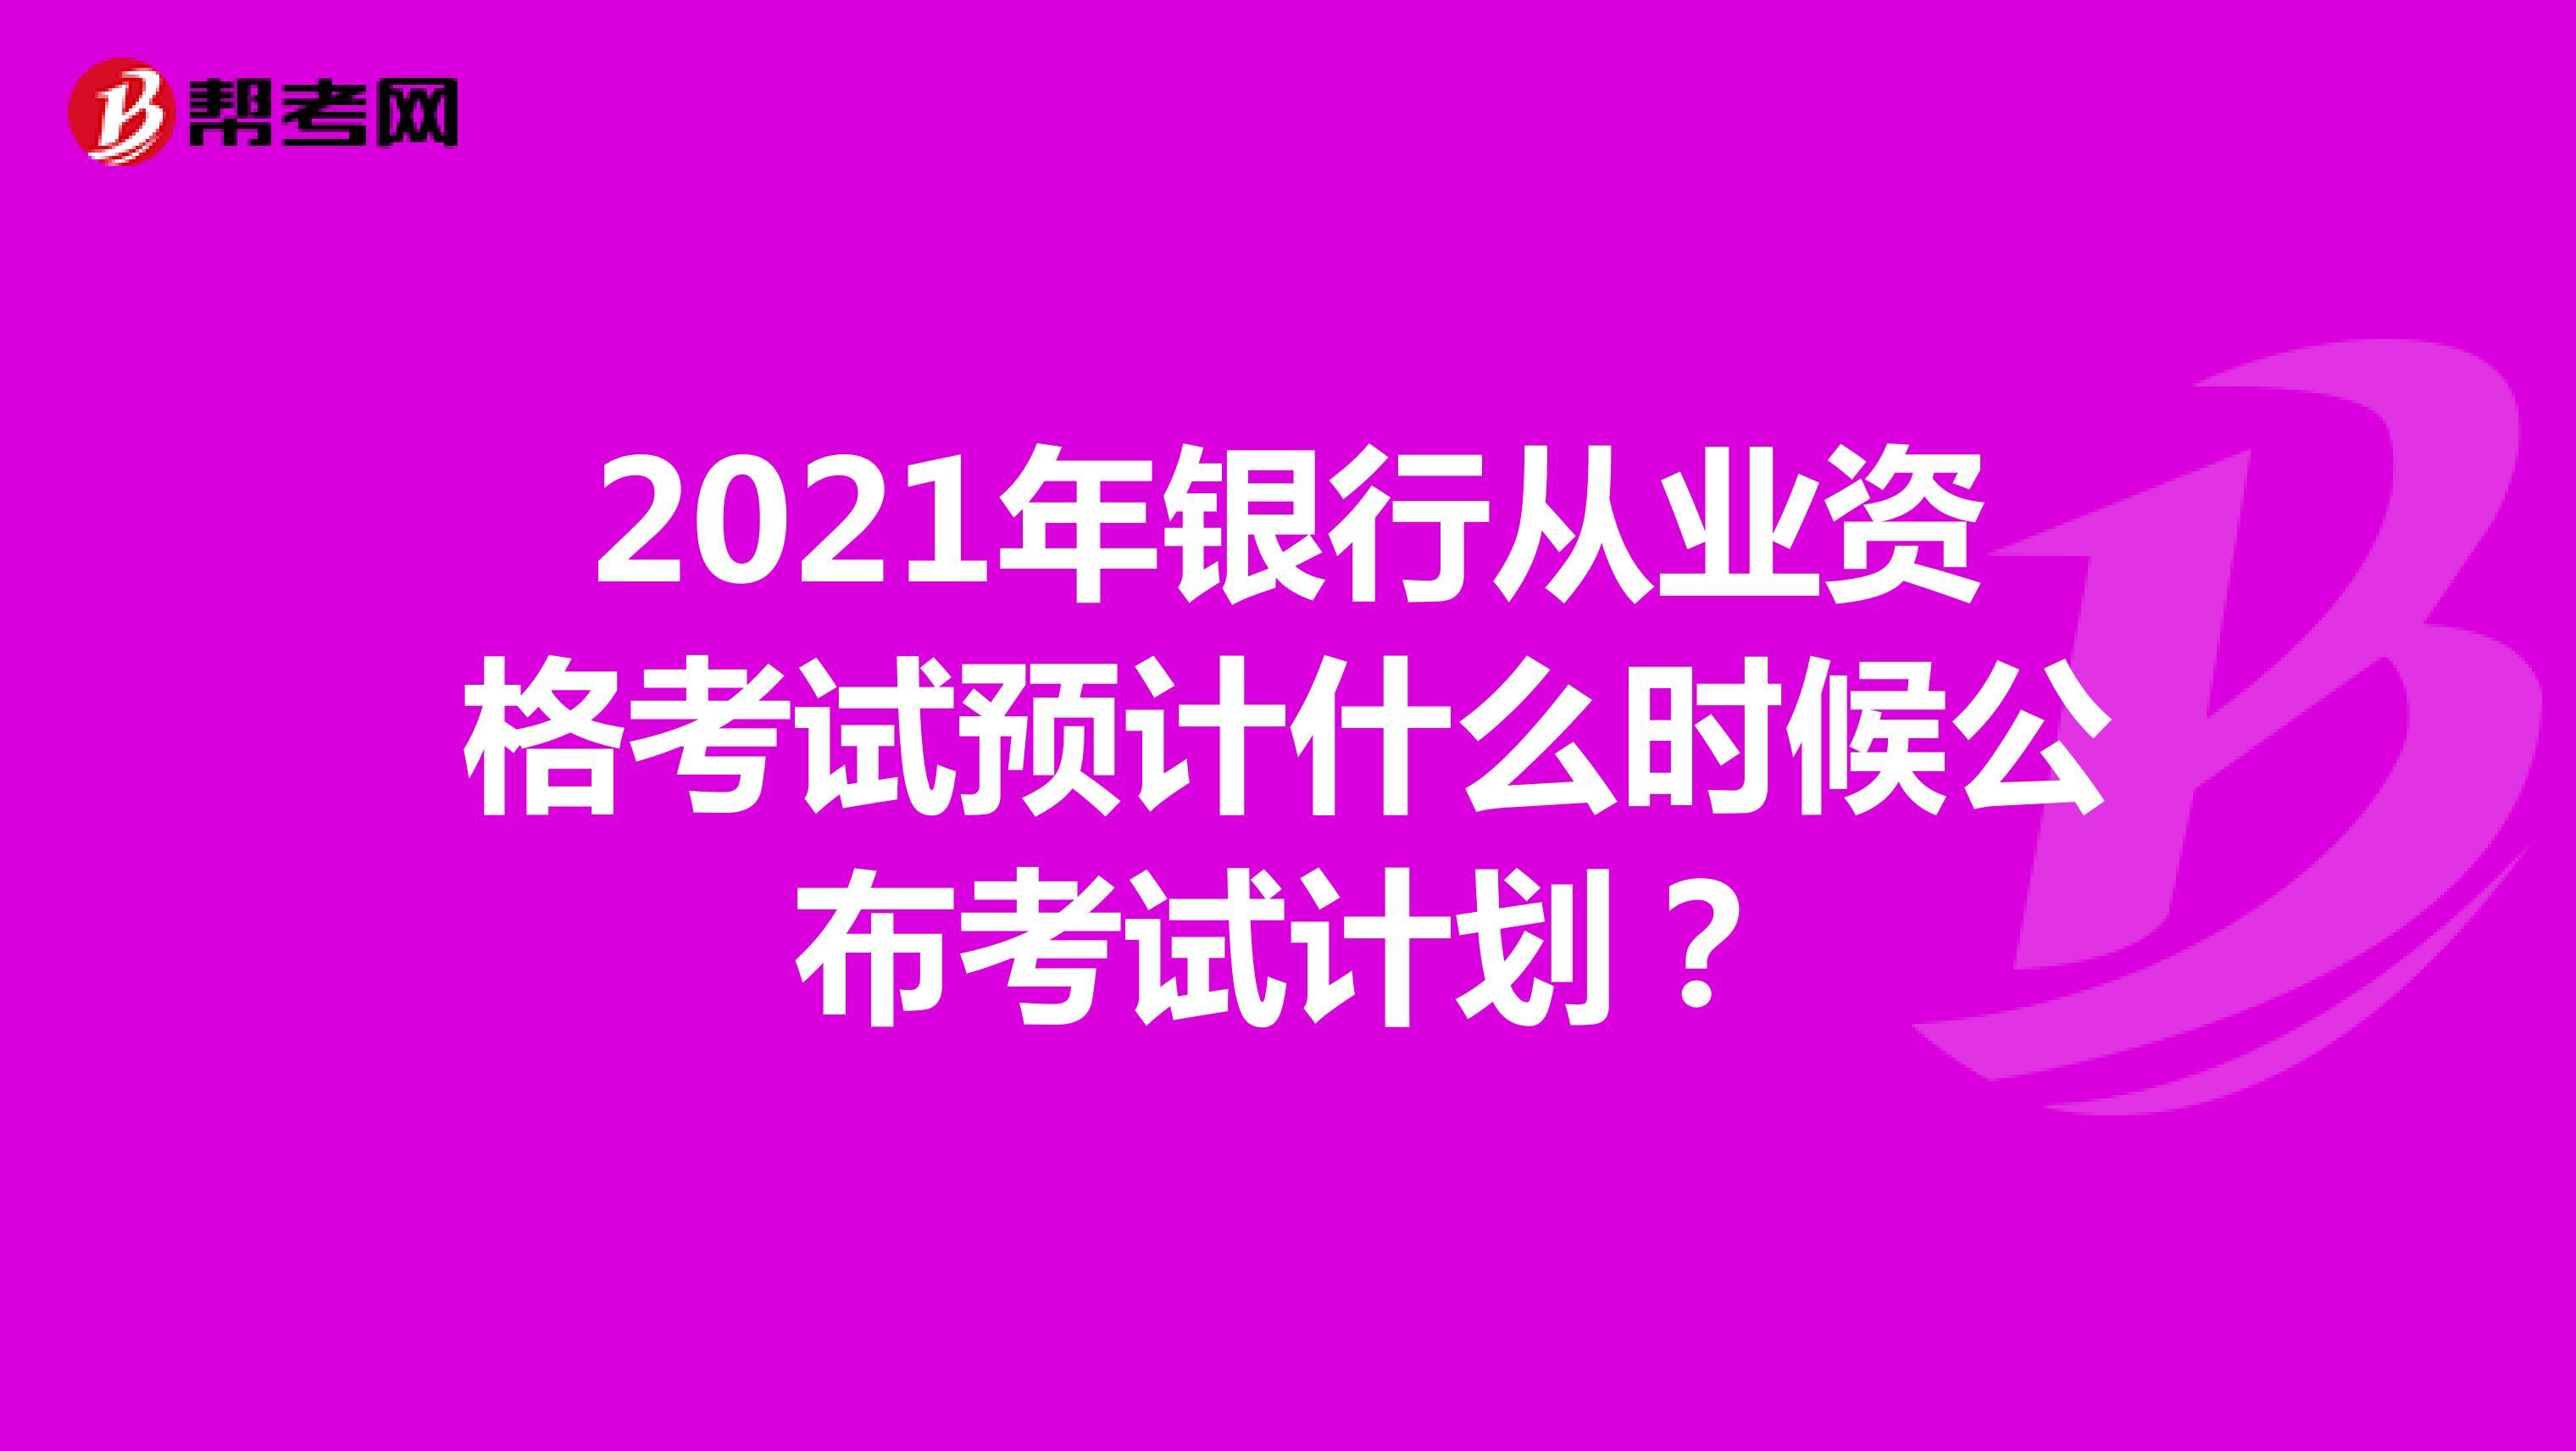 2021年银行从业资格考试预计什么时候公布考试计划?